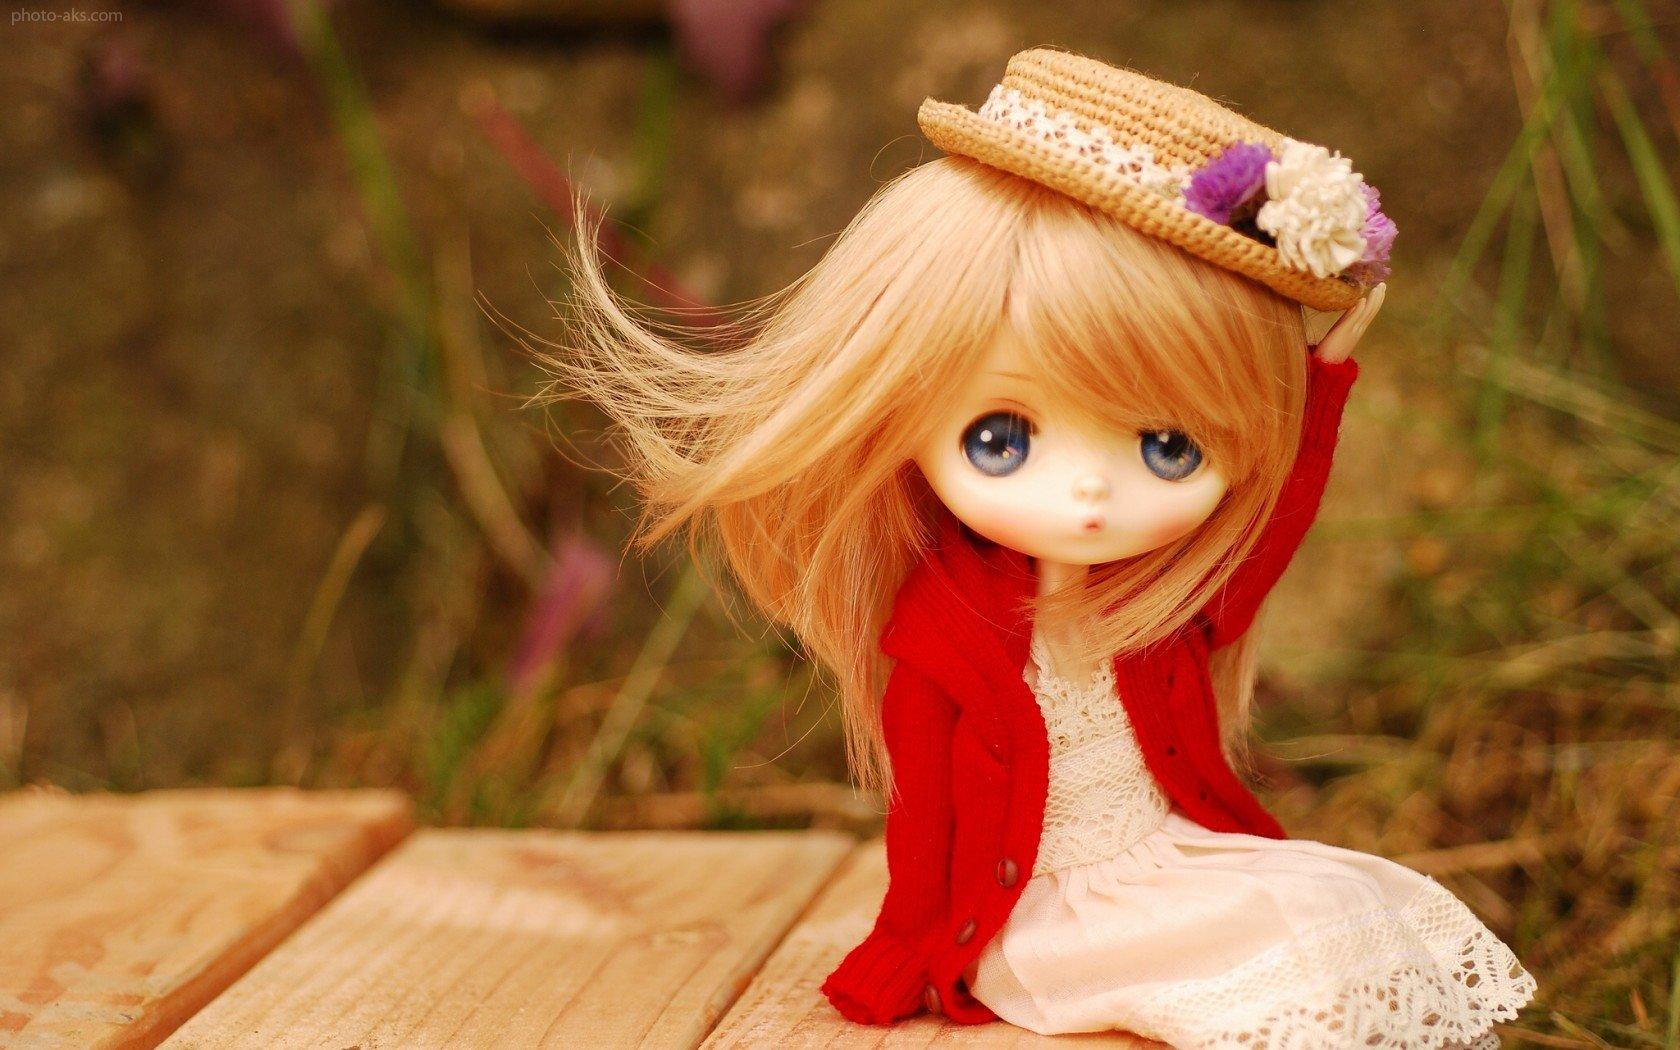 beautiful doll hd wallpaper 1680x1050